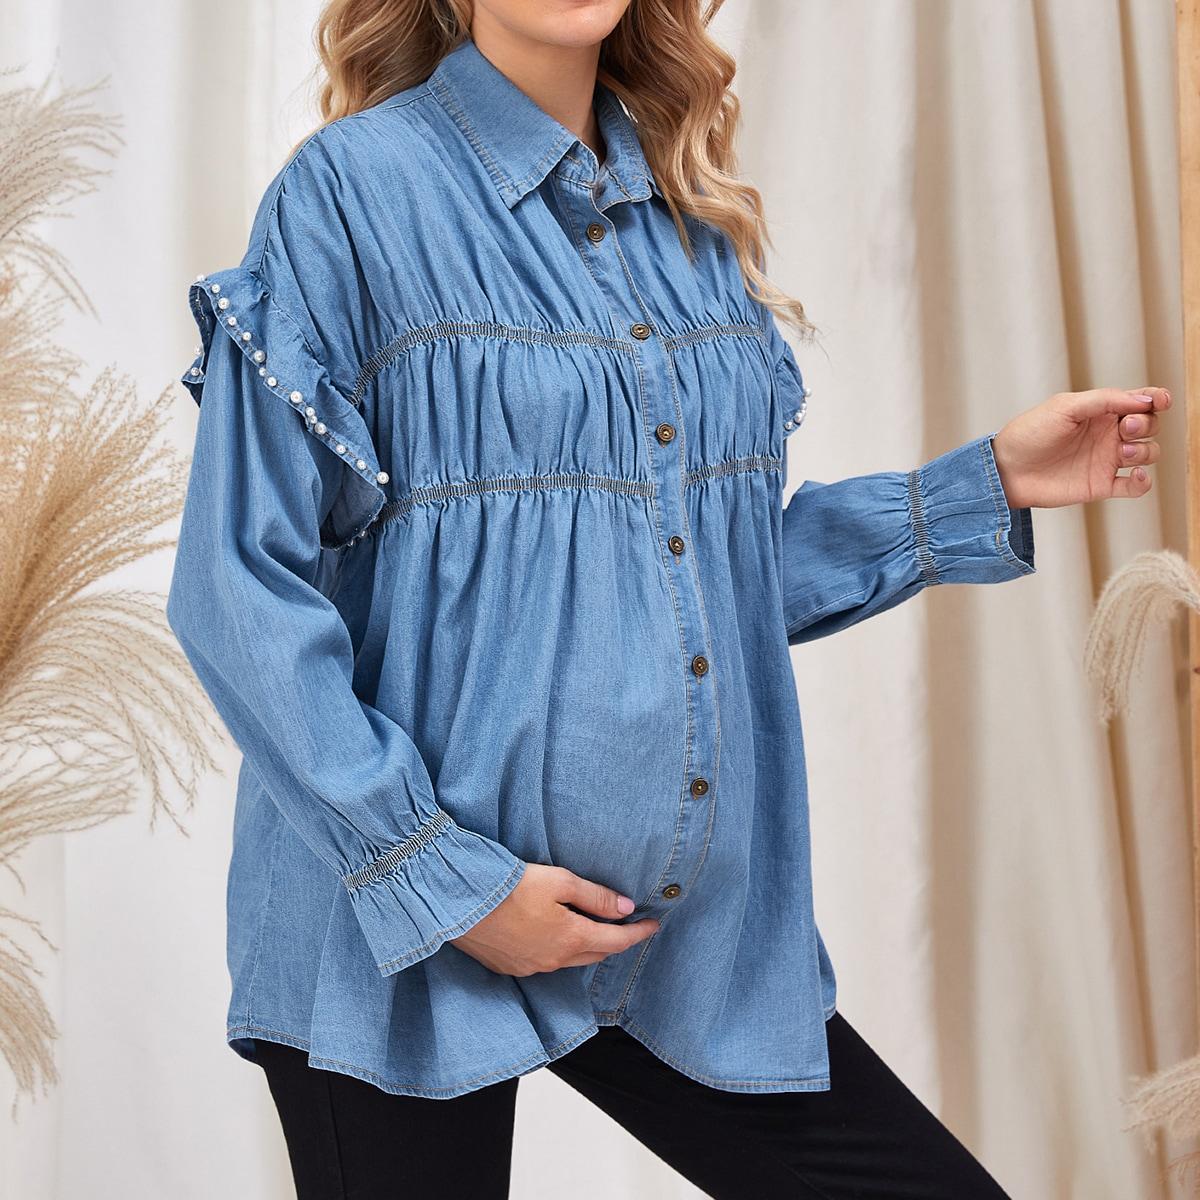 Жемчужина ровный цвет повседневный джинсовая одежда для беременных